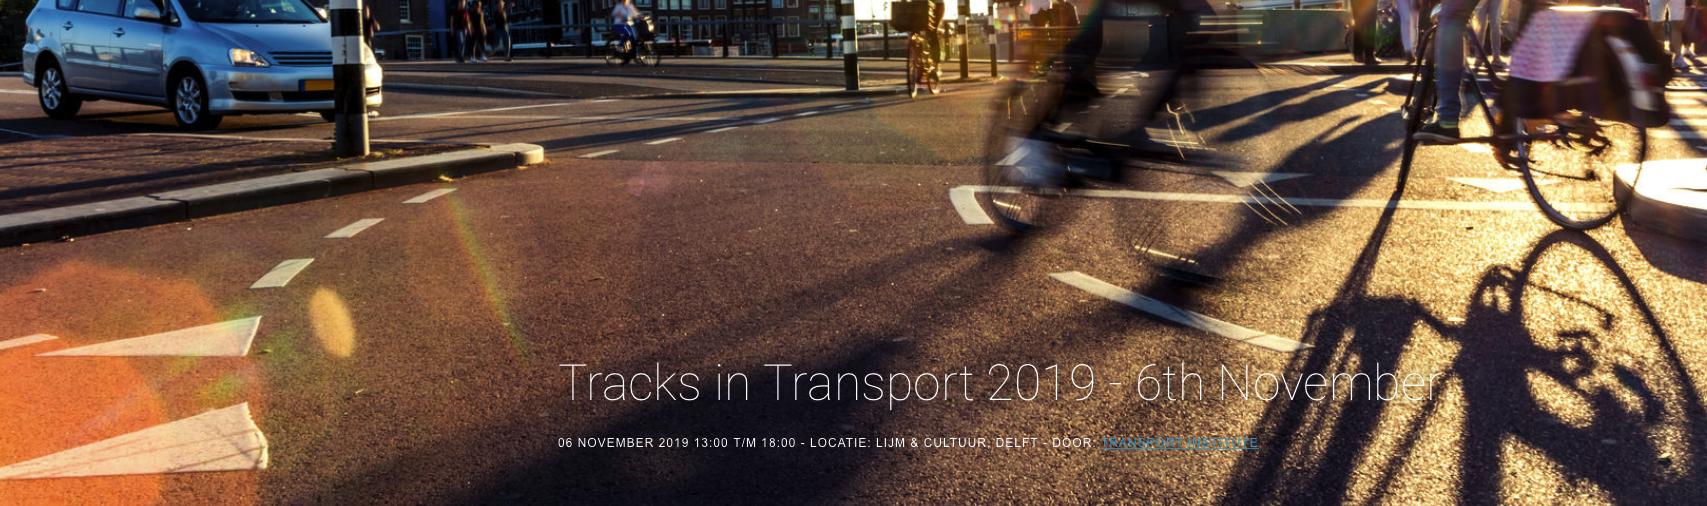 Tracks In Transport - 6 November 2019